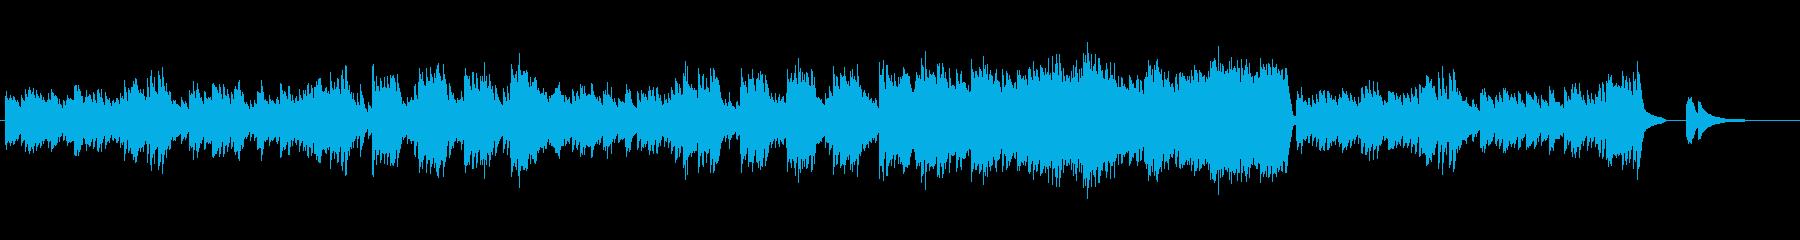 小鳥が戯れるような、軽やかなピアノ小品の再生済みの波形